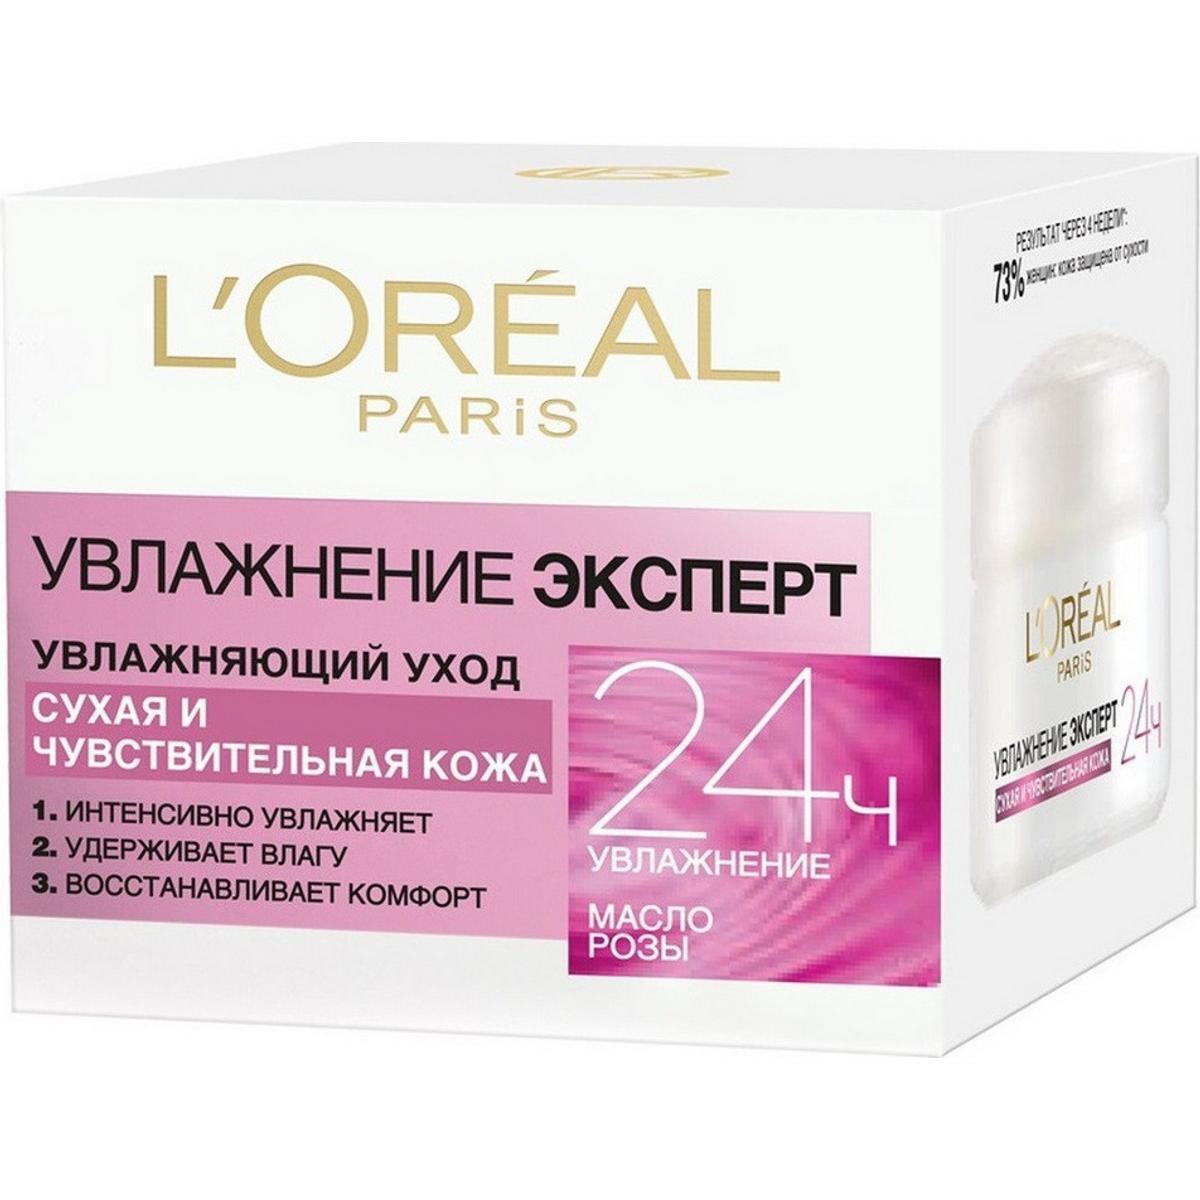 Крем-гель для лица дневной L'Oreal Paris Увлажнение Эксперт, увлажняющий, для сухой и чувствительной #1